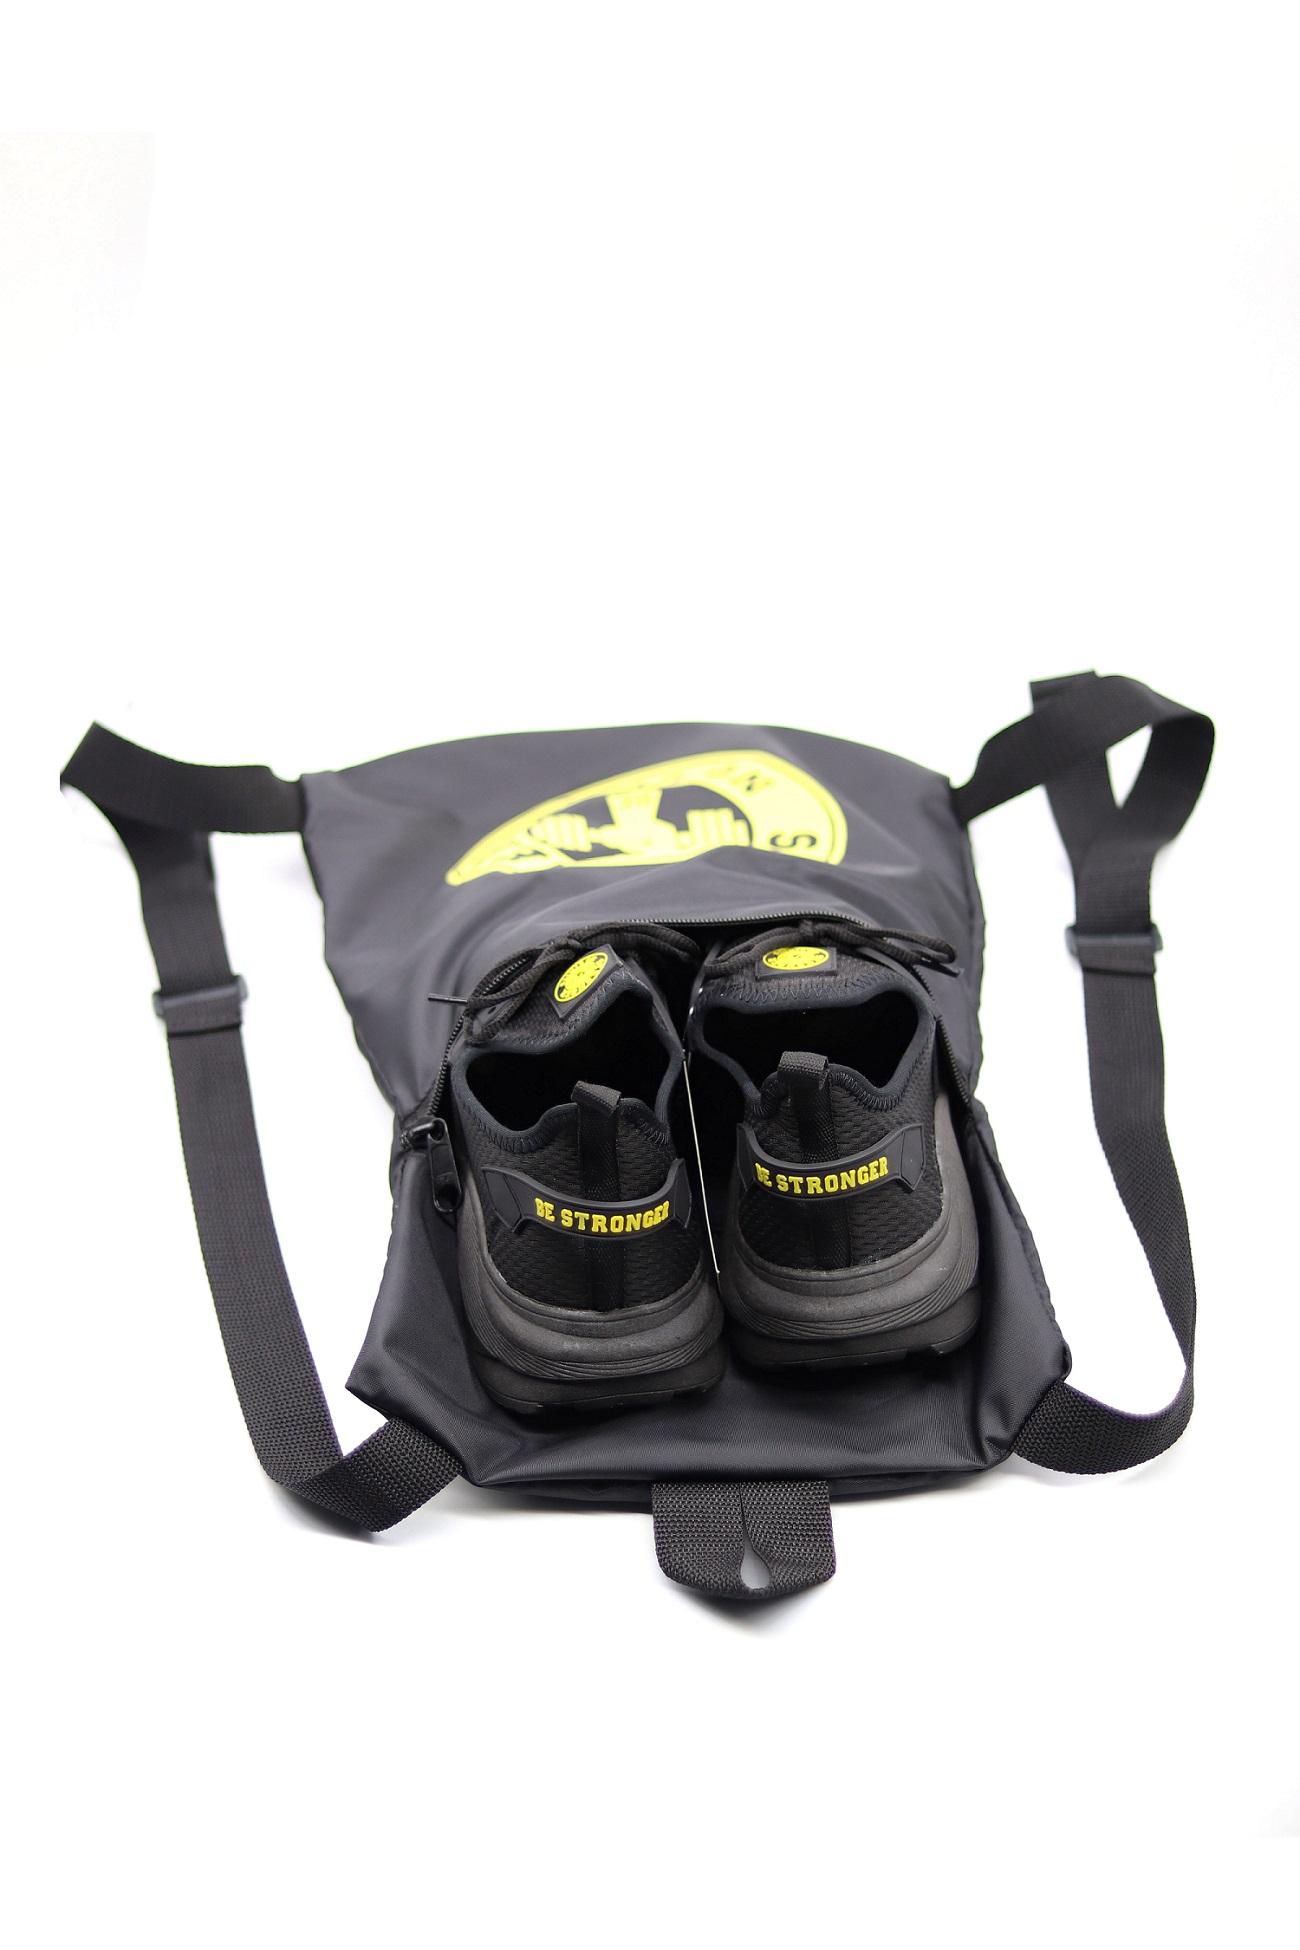 Fita de suspensao - Argola - Completa Com Bag Nova